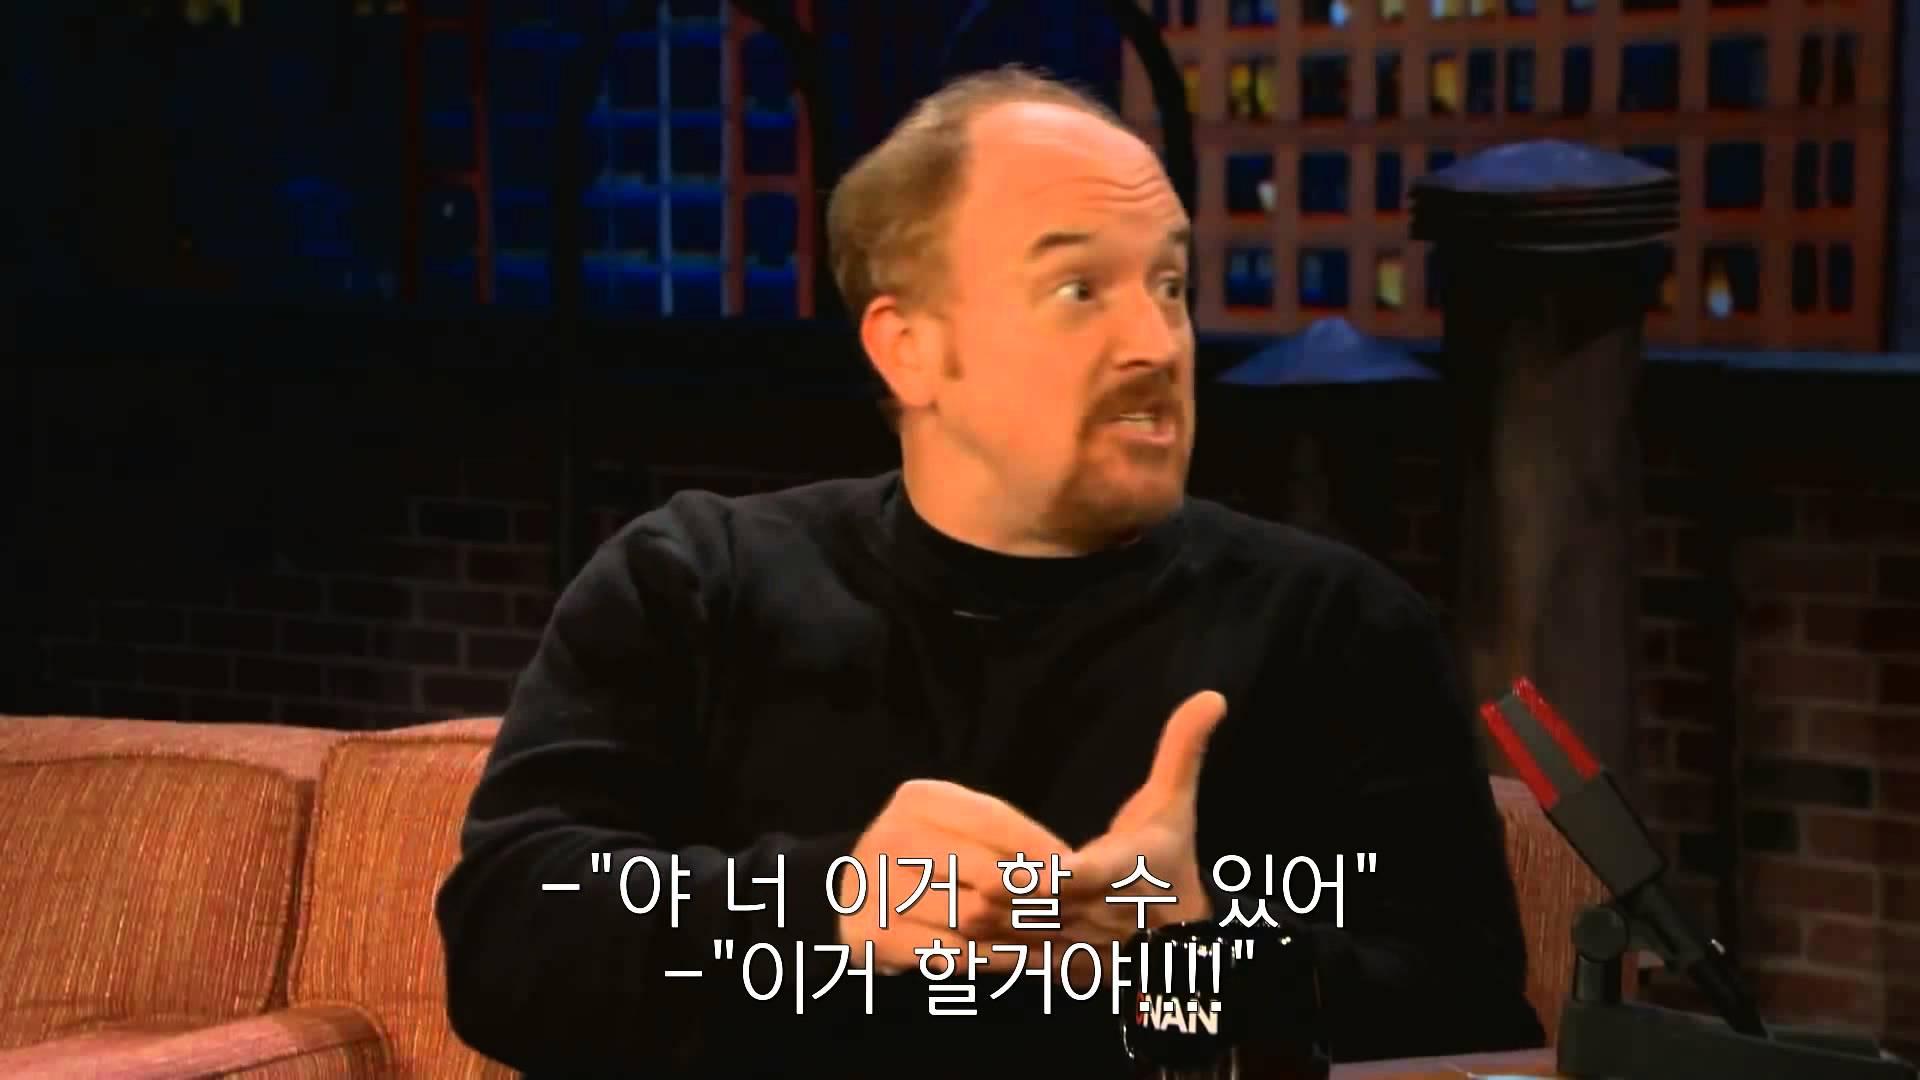 [한글자막]루이스ck- 트위터 싫어요